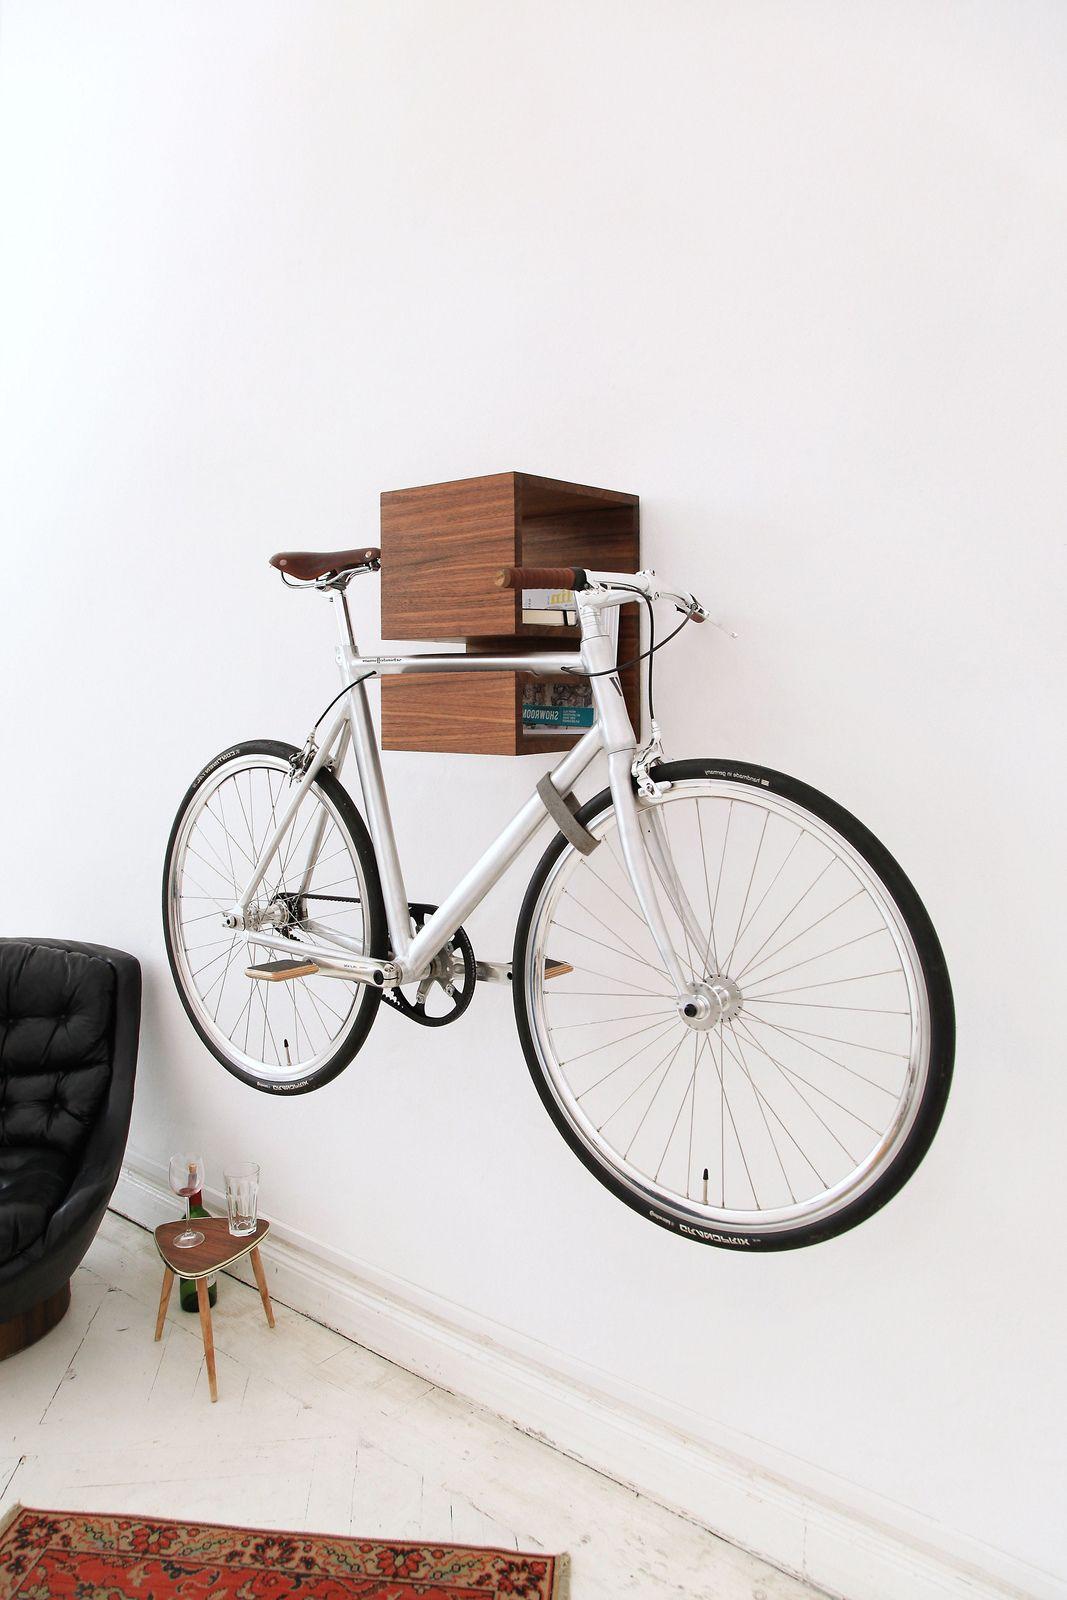 26 kreative ideen für fahrradhalterung für wand anleitung diy